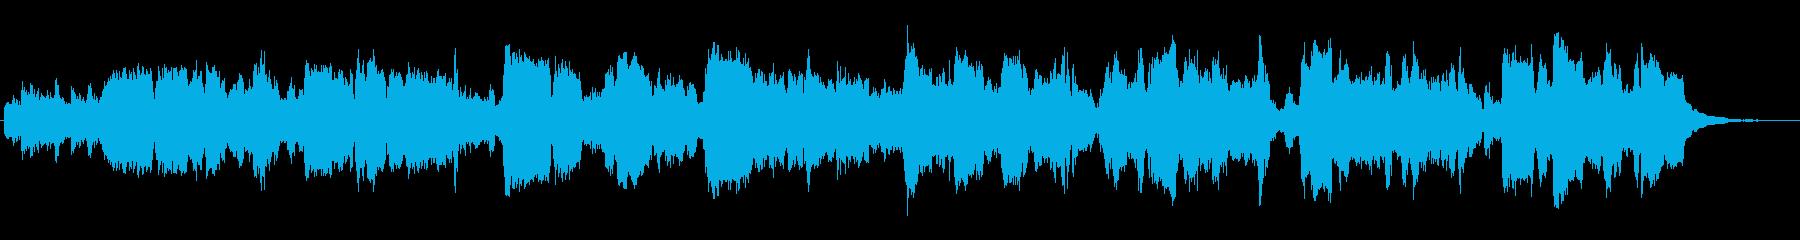 長ねぎをテーマにした楽曲の再生済みの波形